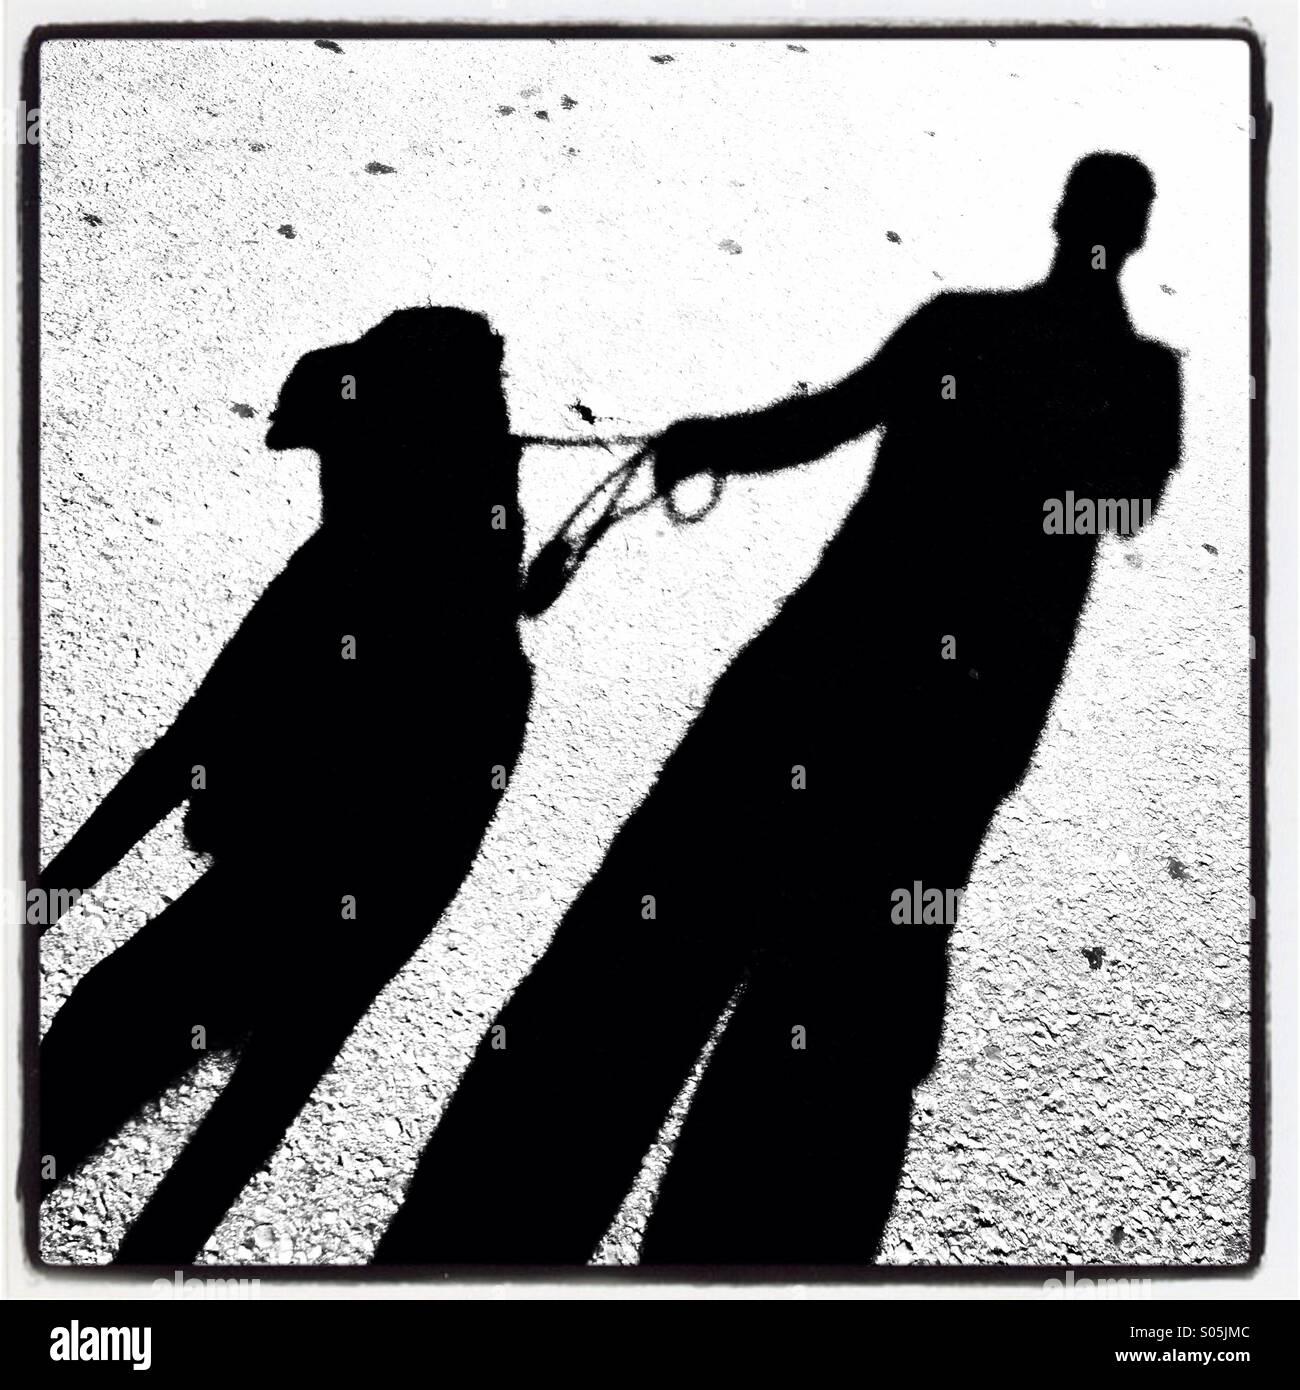 Schatten einer Person einen Hund spazieren gehen Stockbild